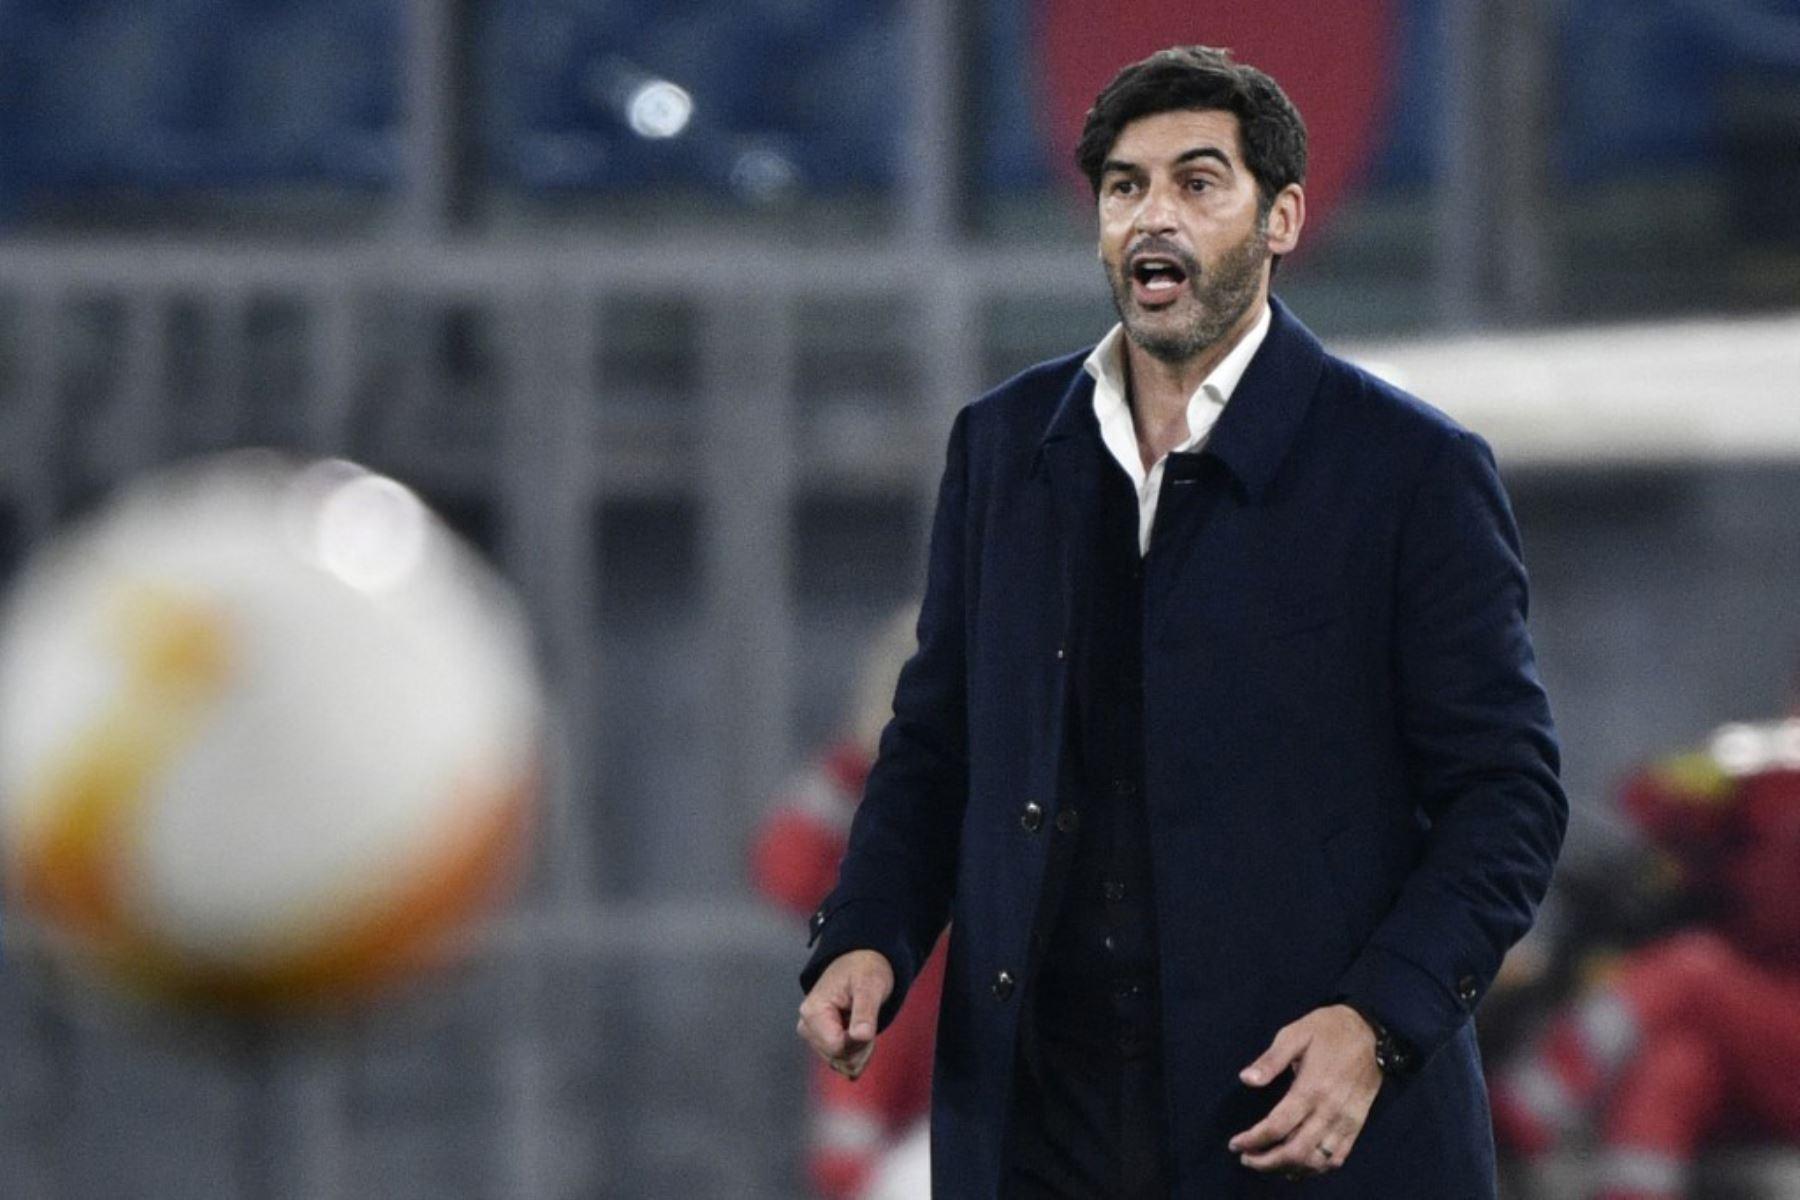 El entrenador portugués de la Roma, Paulo Fonseca, reacciona durante los cuartos de final de la UEFA Europa League, el segundo partido de fútbol AS Roma vs Ajax Amsterdam.  Foto:AFP